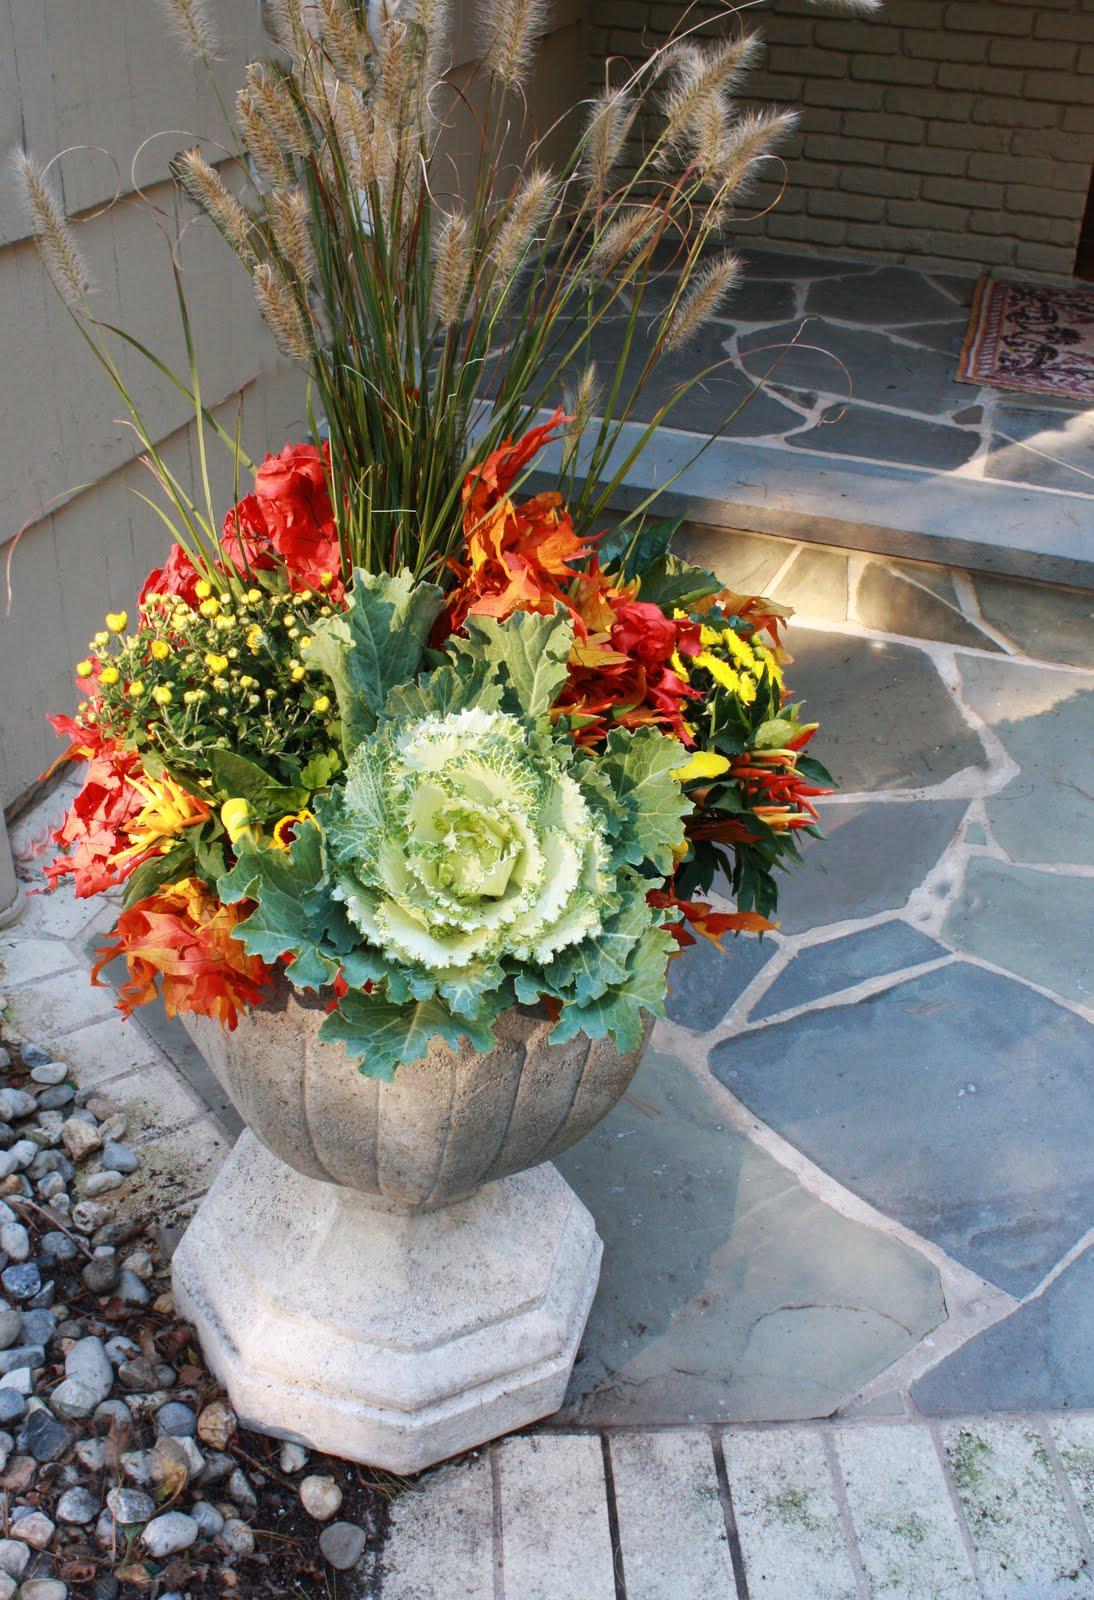 Flores Del Sol: Autumn Flower Planting Choices